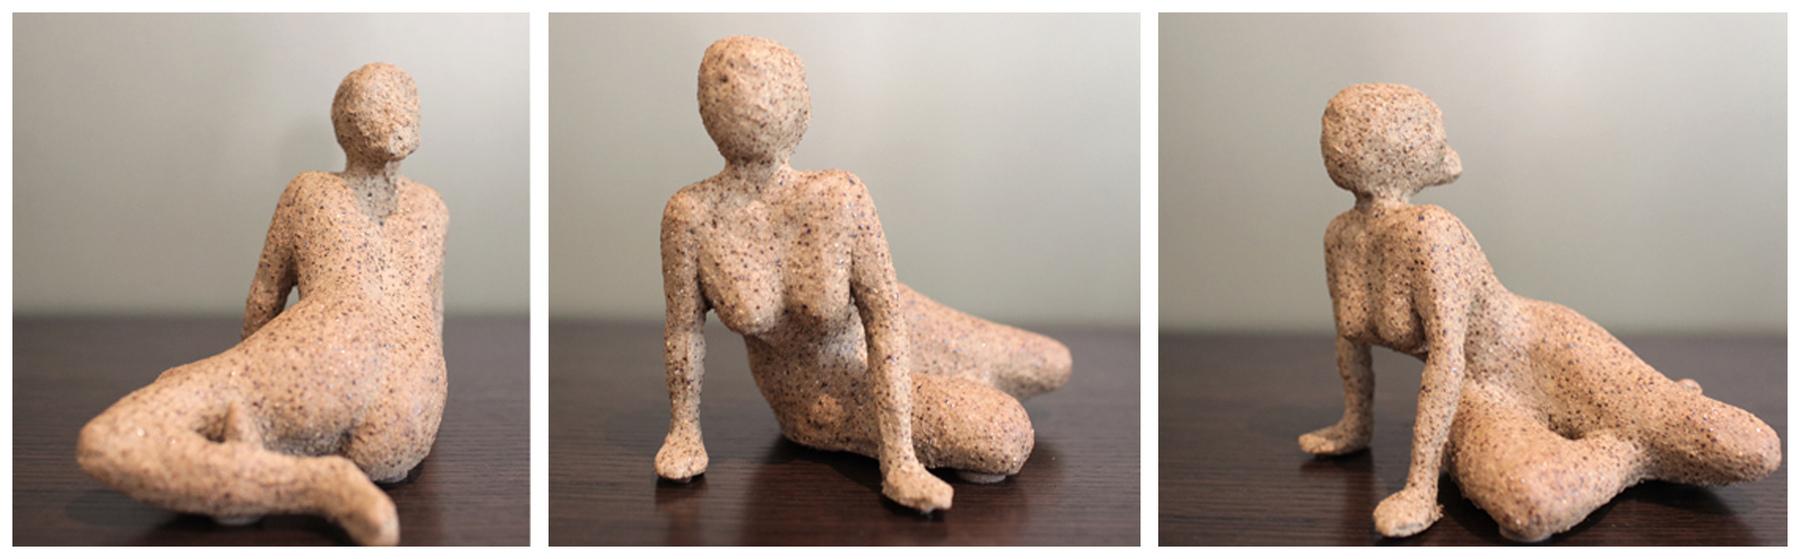 Karen Tabak Artist - Reclining figure no 2. 230w x 160d x 100h. Ceramic clay, fired.